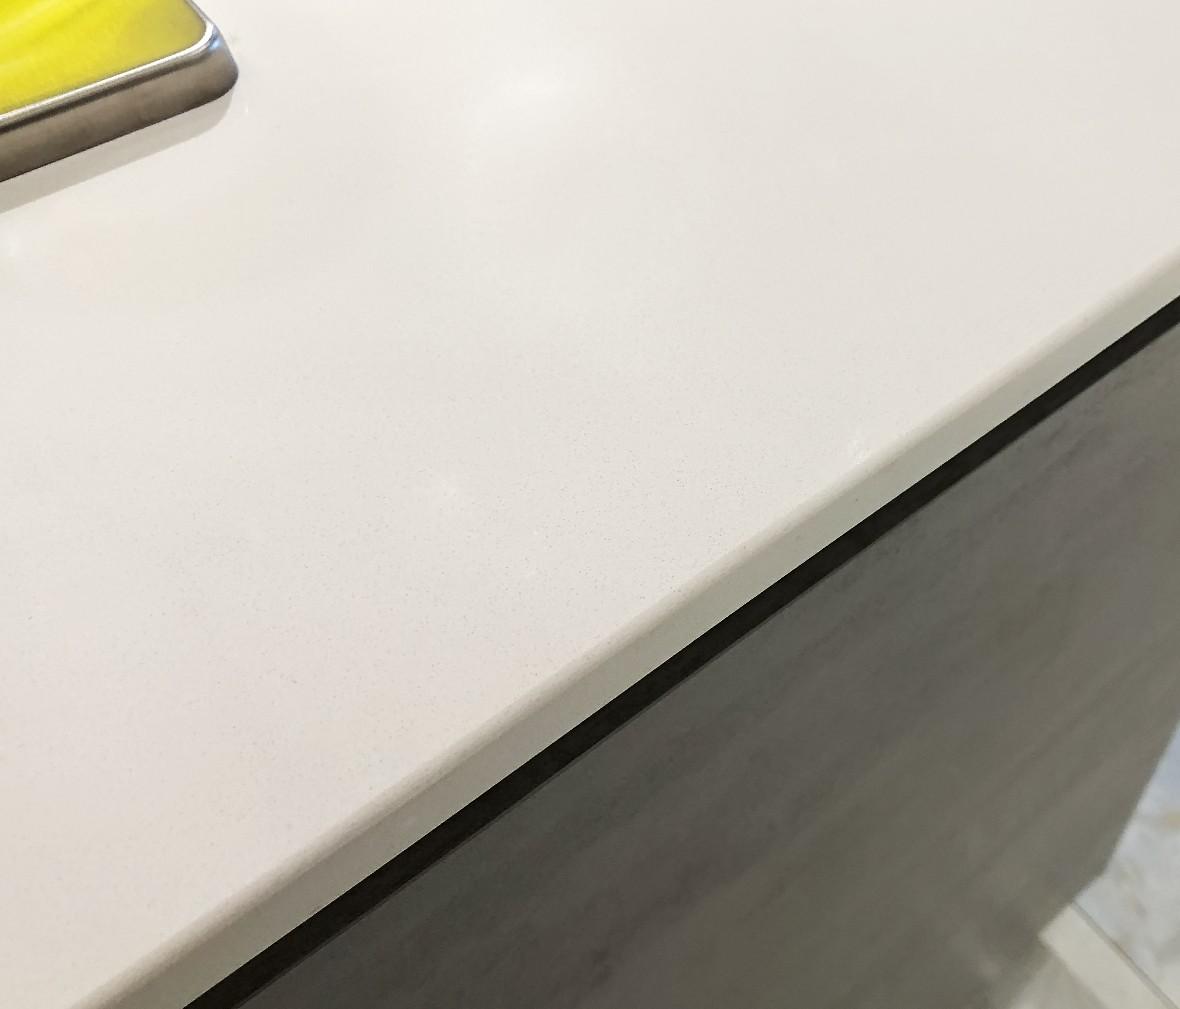 飞美橱柜 SL1000型号天山白台面 石英石材质现代简约风格橱柜台面 图片、价格、品牌、评测样样齐全!【蓝景商城正品行货,蓝景丽家大钟寺家居广场提货,北京地区配送,领券更优惠,线上线下同品同价,立即购买享受更多优惠哦!】